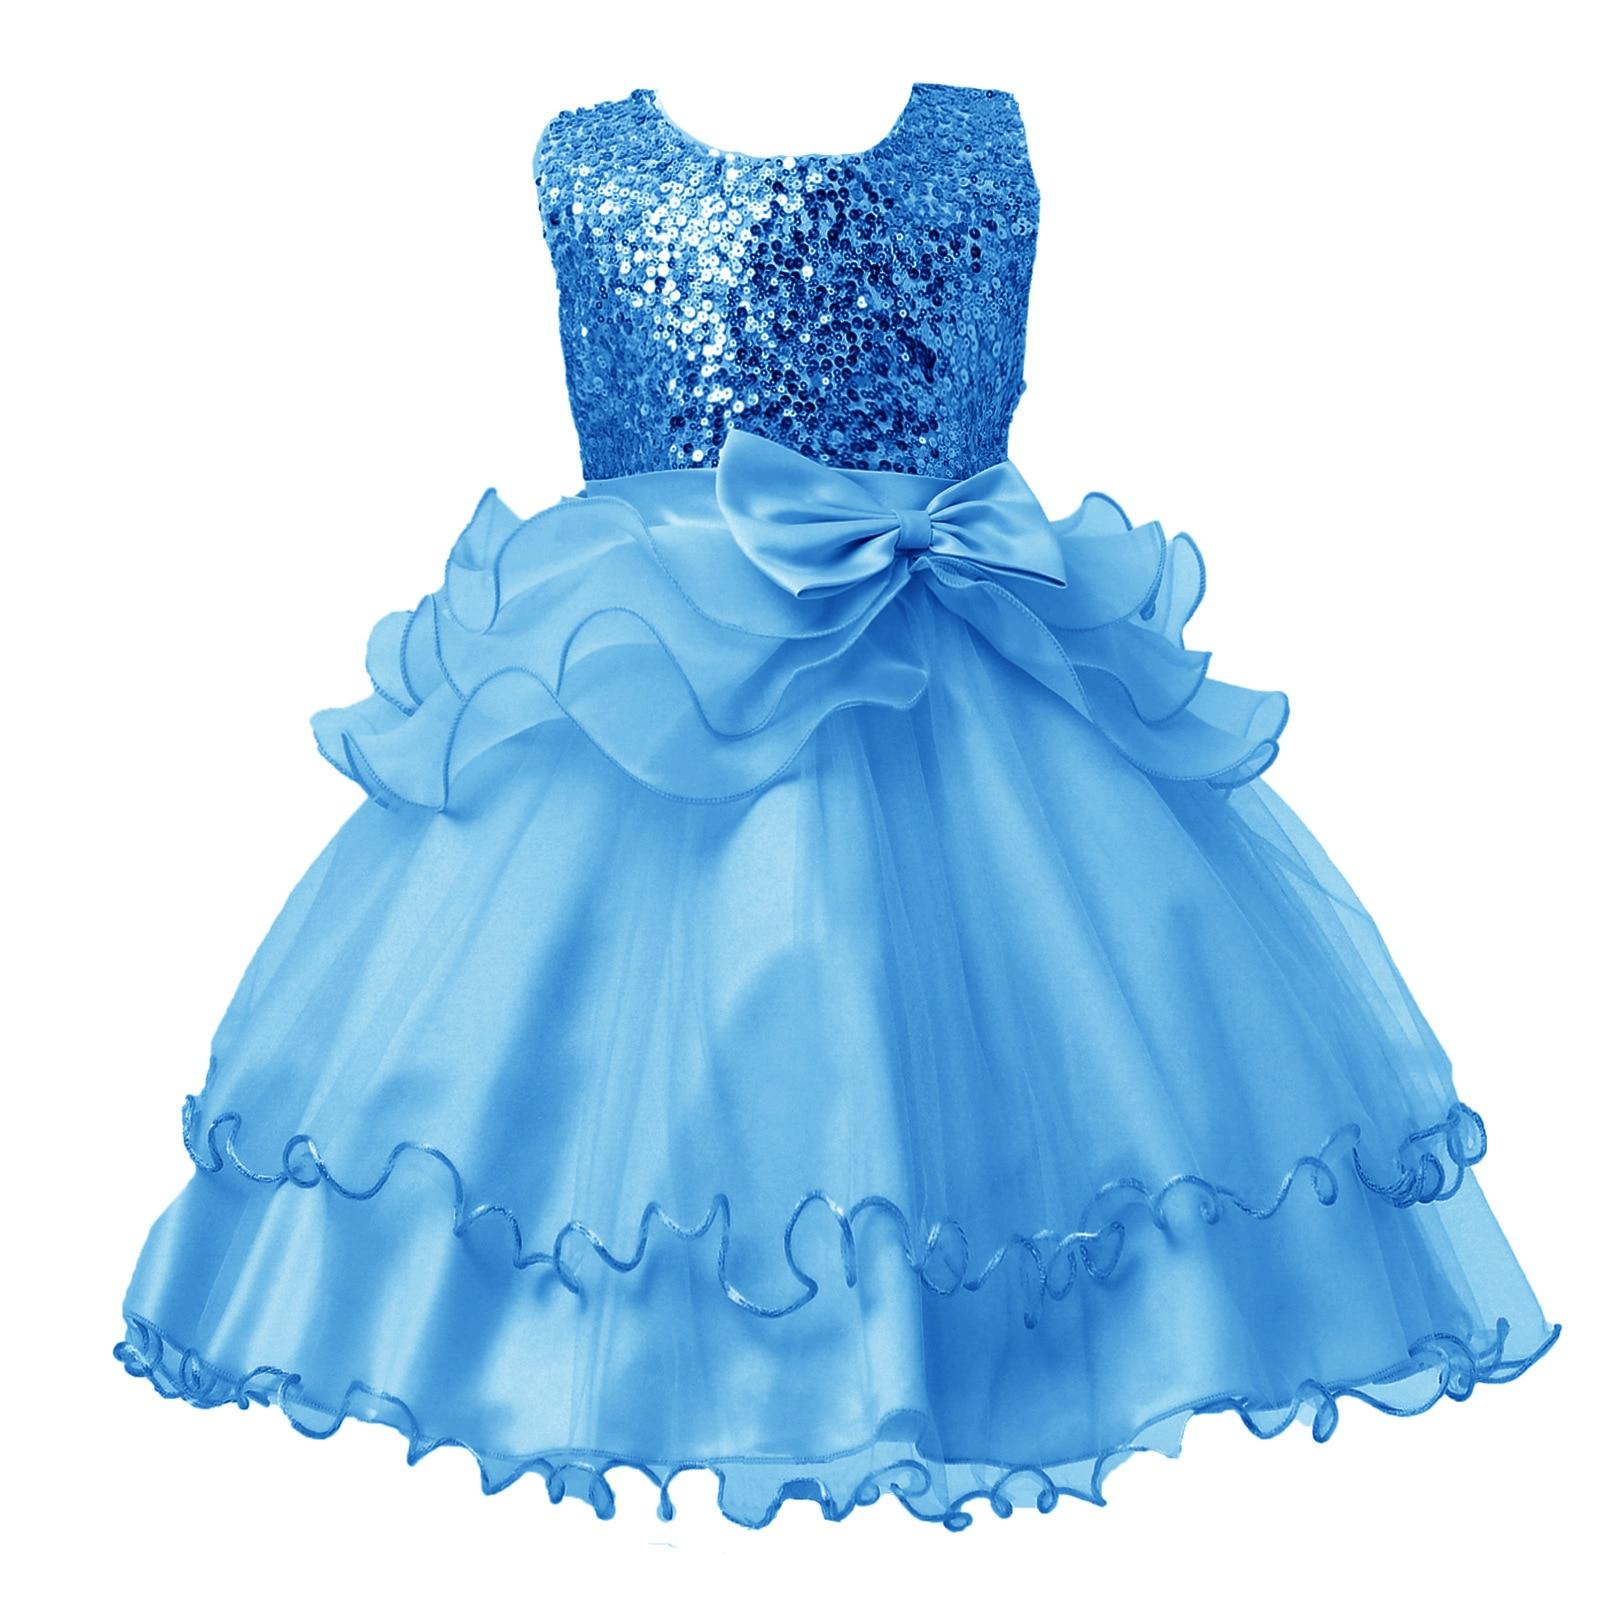 2019 новая весна детское платье принцессы с блестками бантом свадебные для девочек в цветочек на день рождения платья для девочек 3 4 5 7 9 11 13 ле...